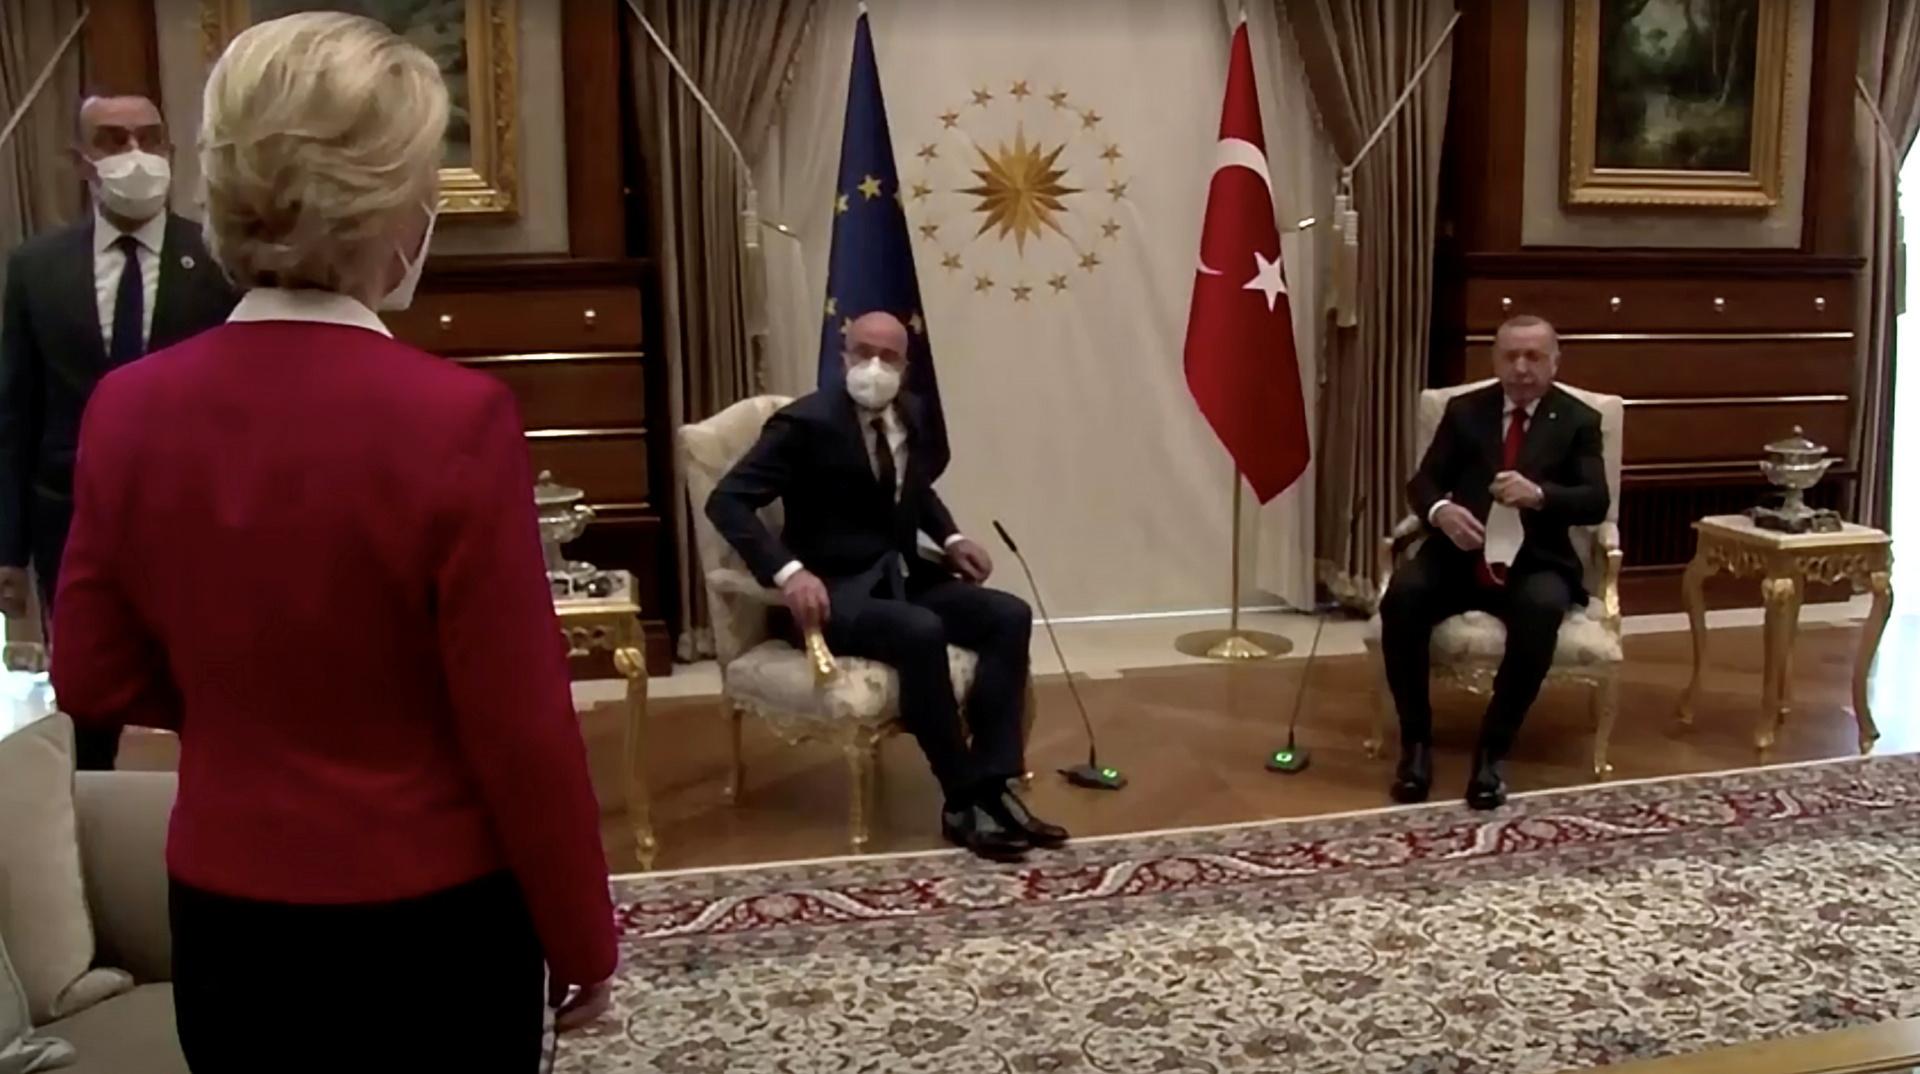 دراغي يتهم أردوغان بإهانة رئيسة المفوضية الأوروبية ويصفه بـ